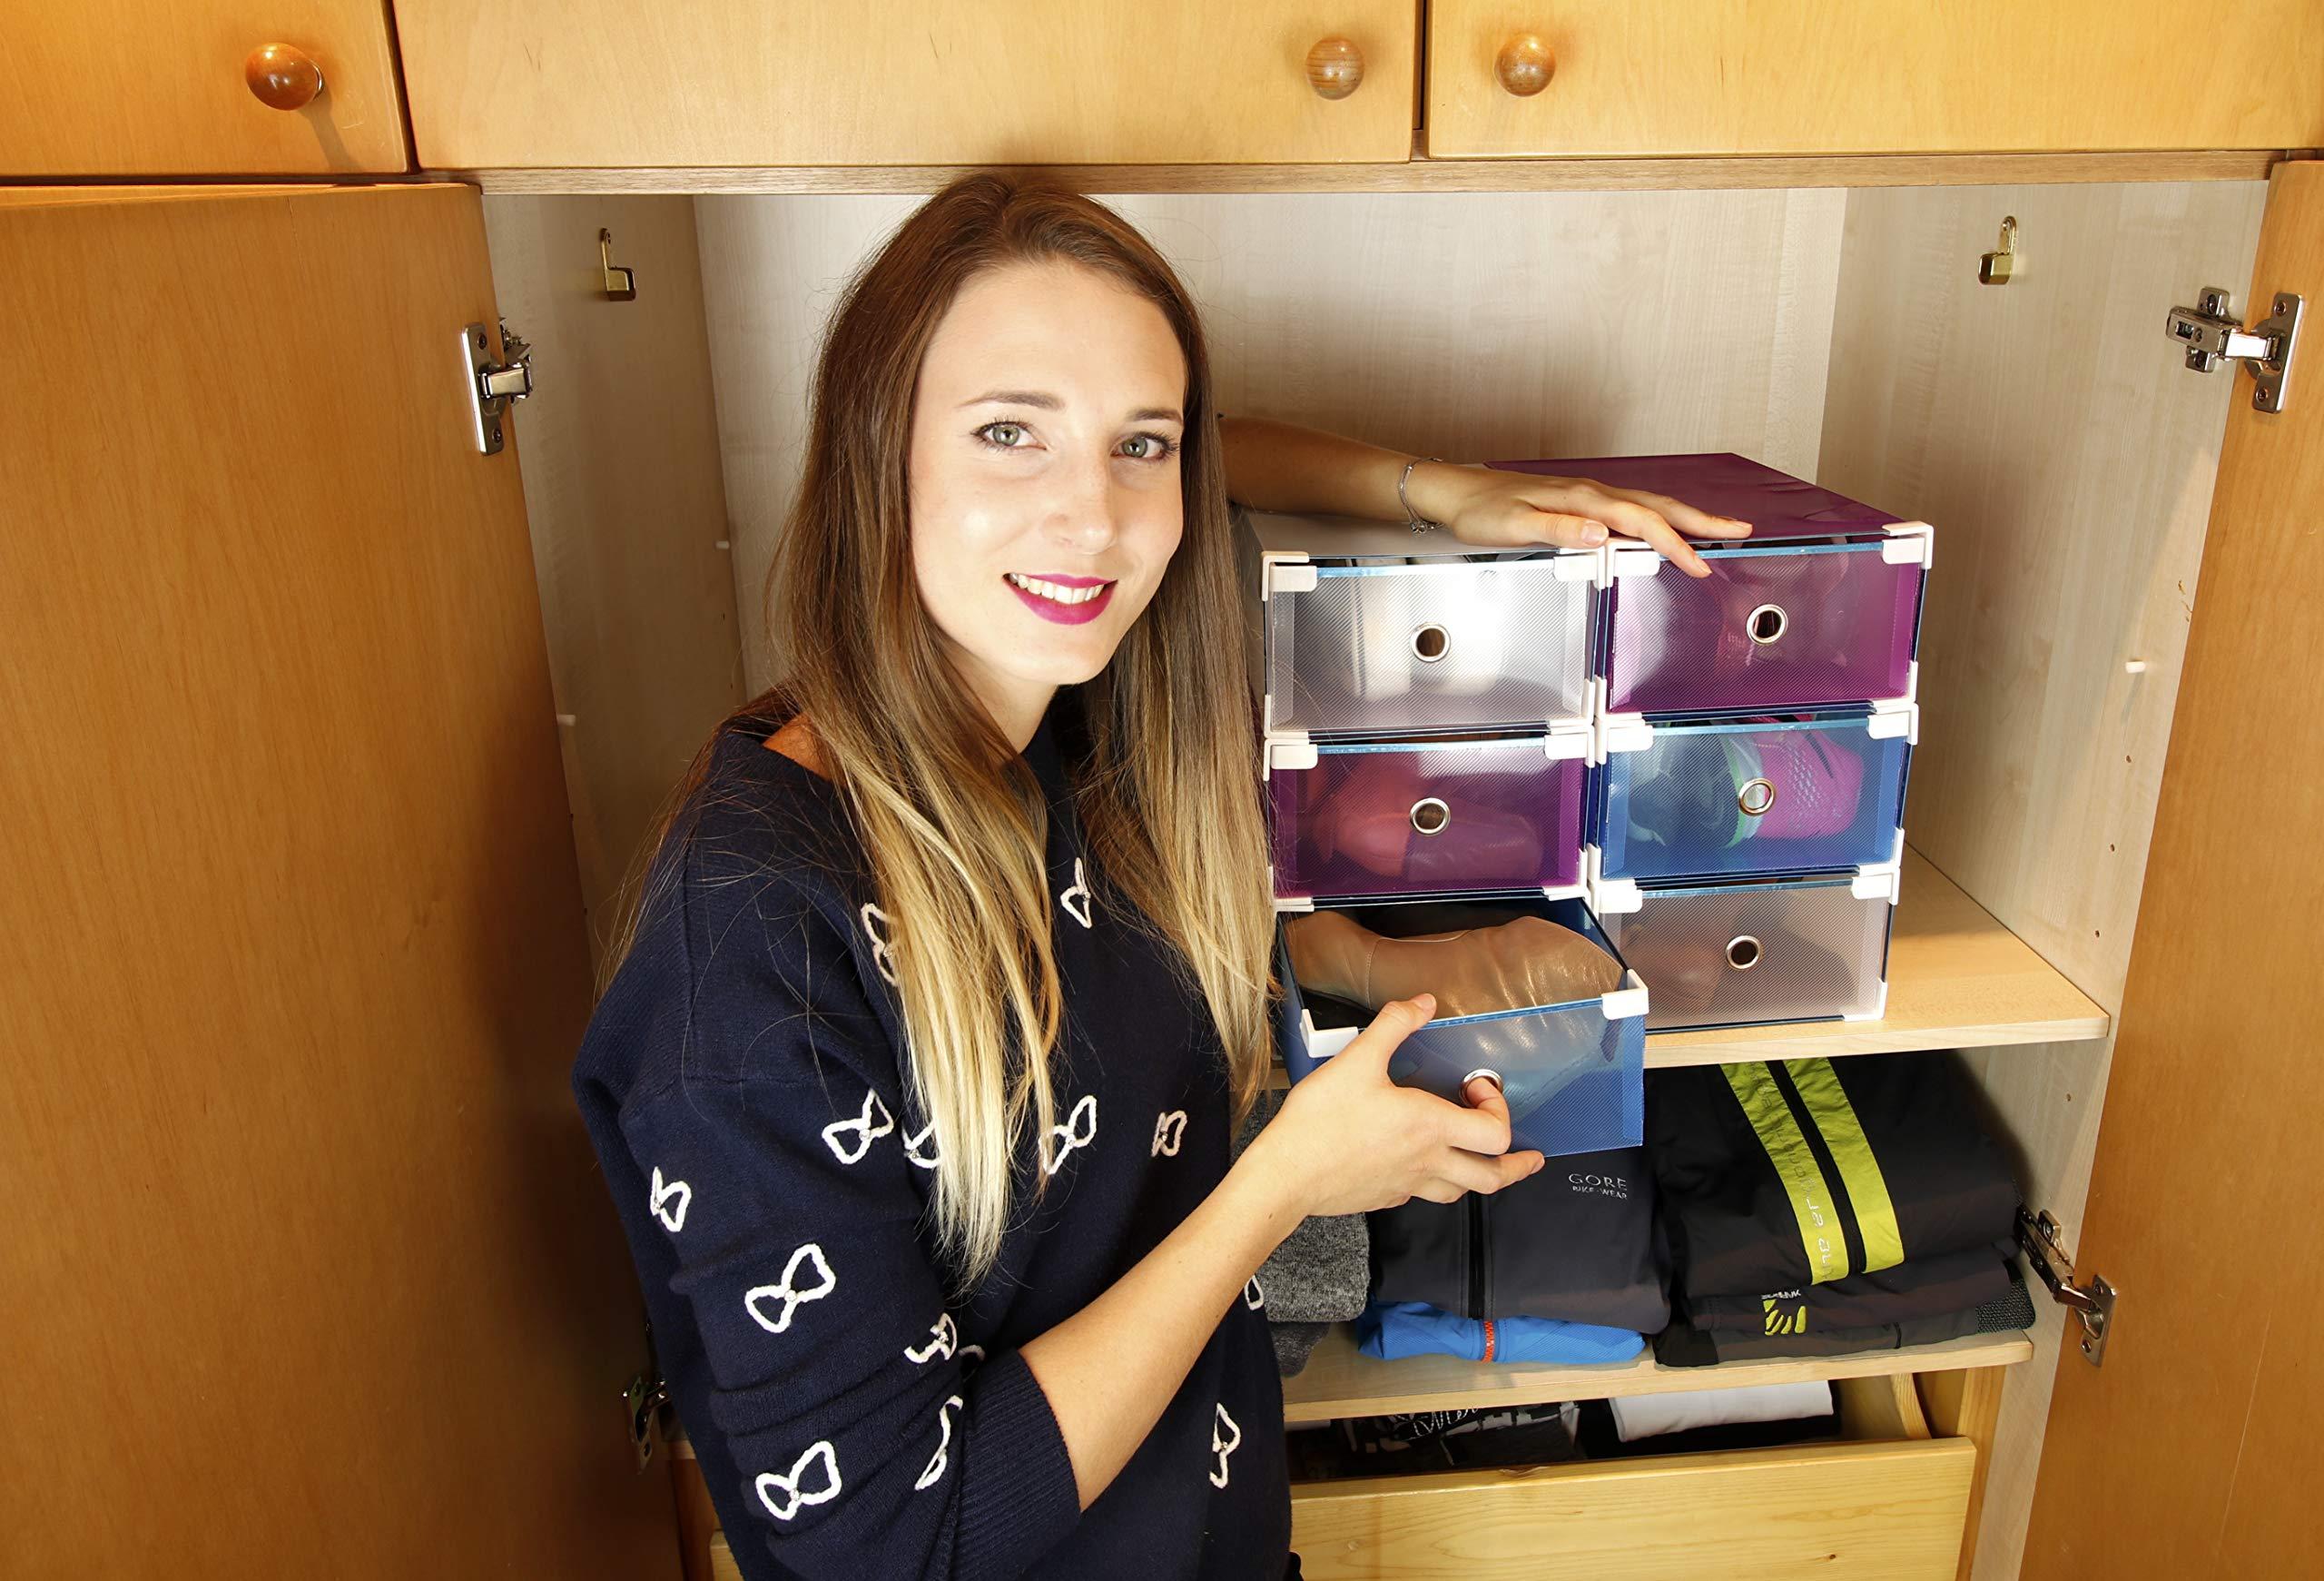 6 scatole Resistenti salvaspazio Porta Scarpe (Uomo, Donna) My Box TO Store Contenitore in plastica Trasparente, 3 Colori (Bianco, Blu, Viola) per Migliorare l\'organizzazione del Tuo Armadio